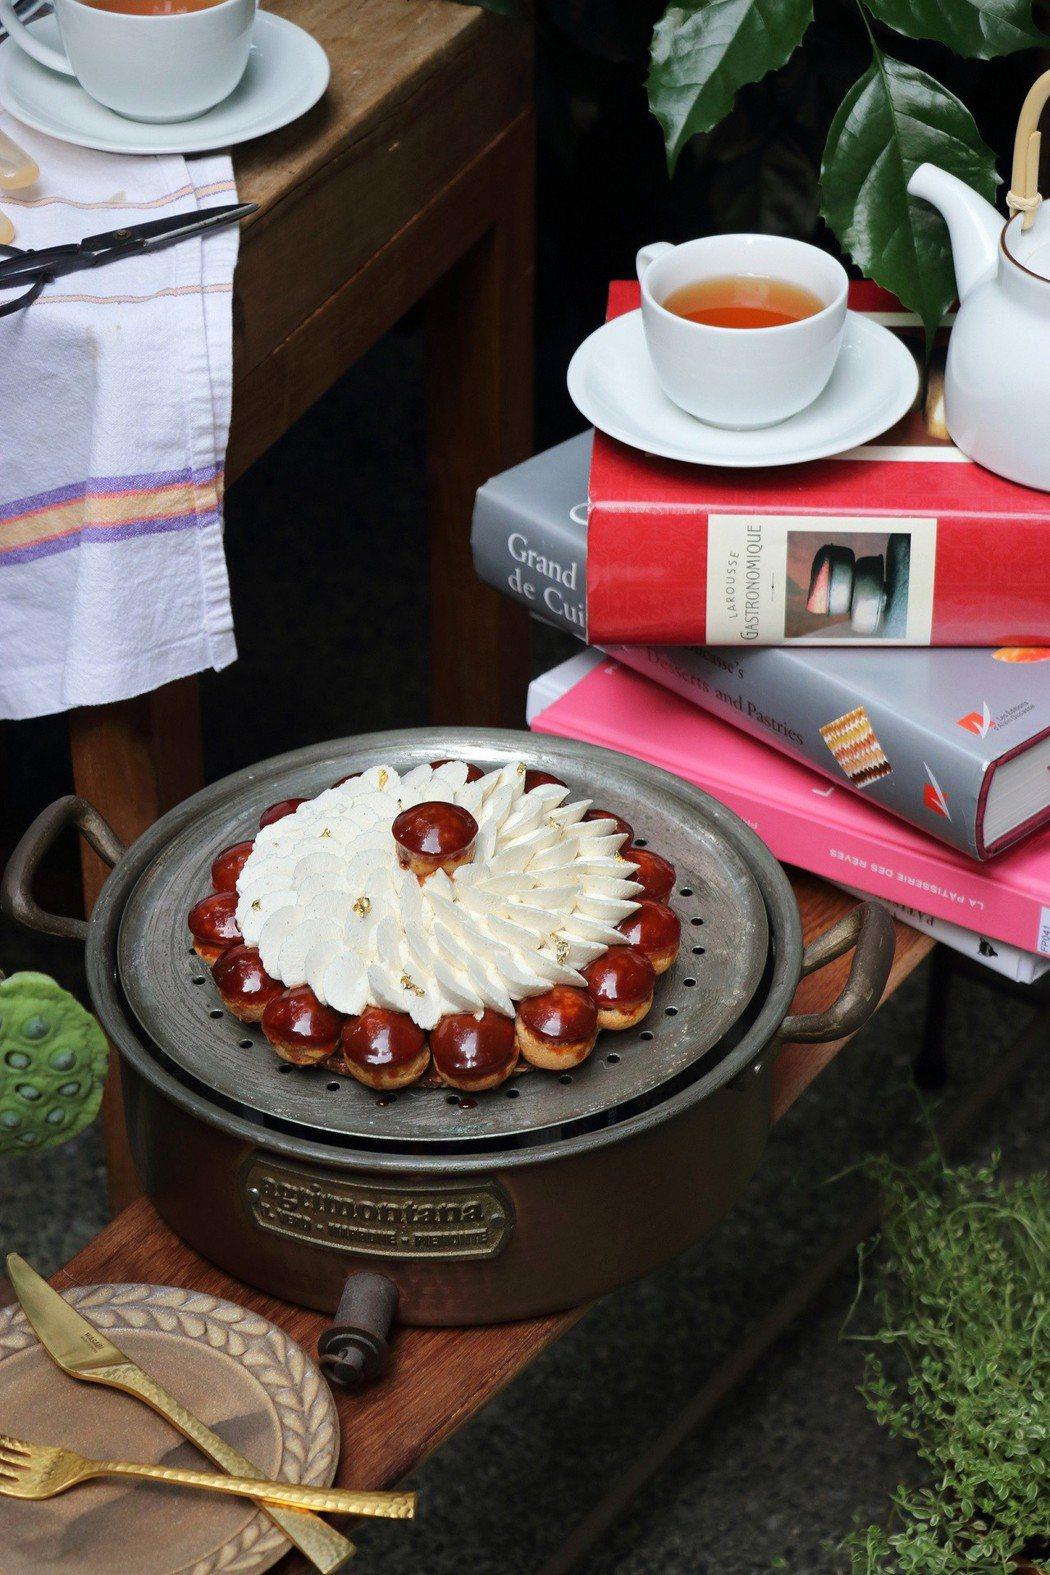 珠寶盒父親節蛋糕「新古典聖多諾黑泡芙塔」。圖/珠寶盒提供